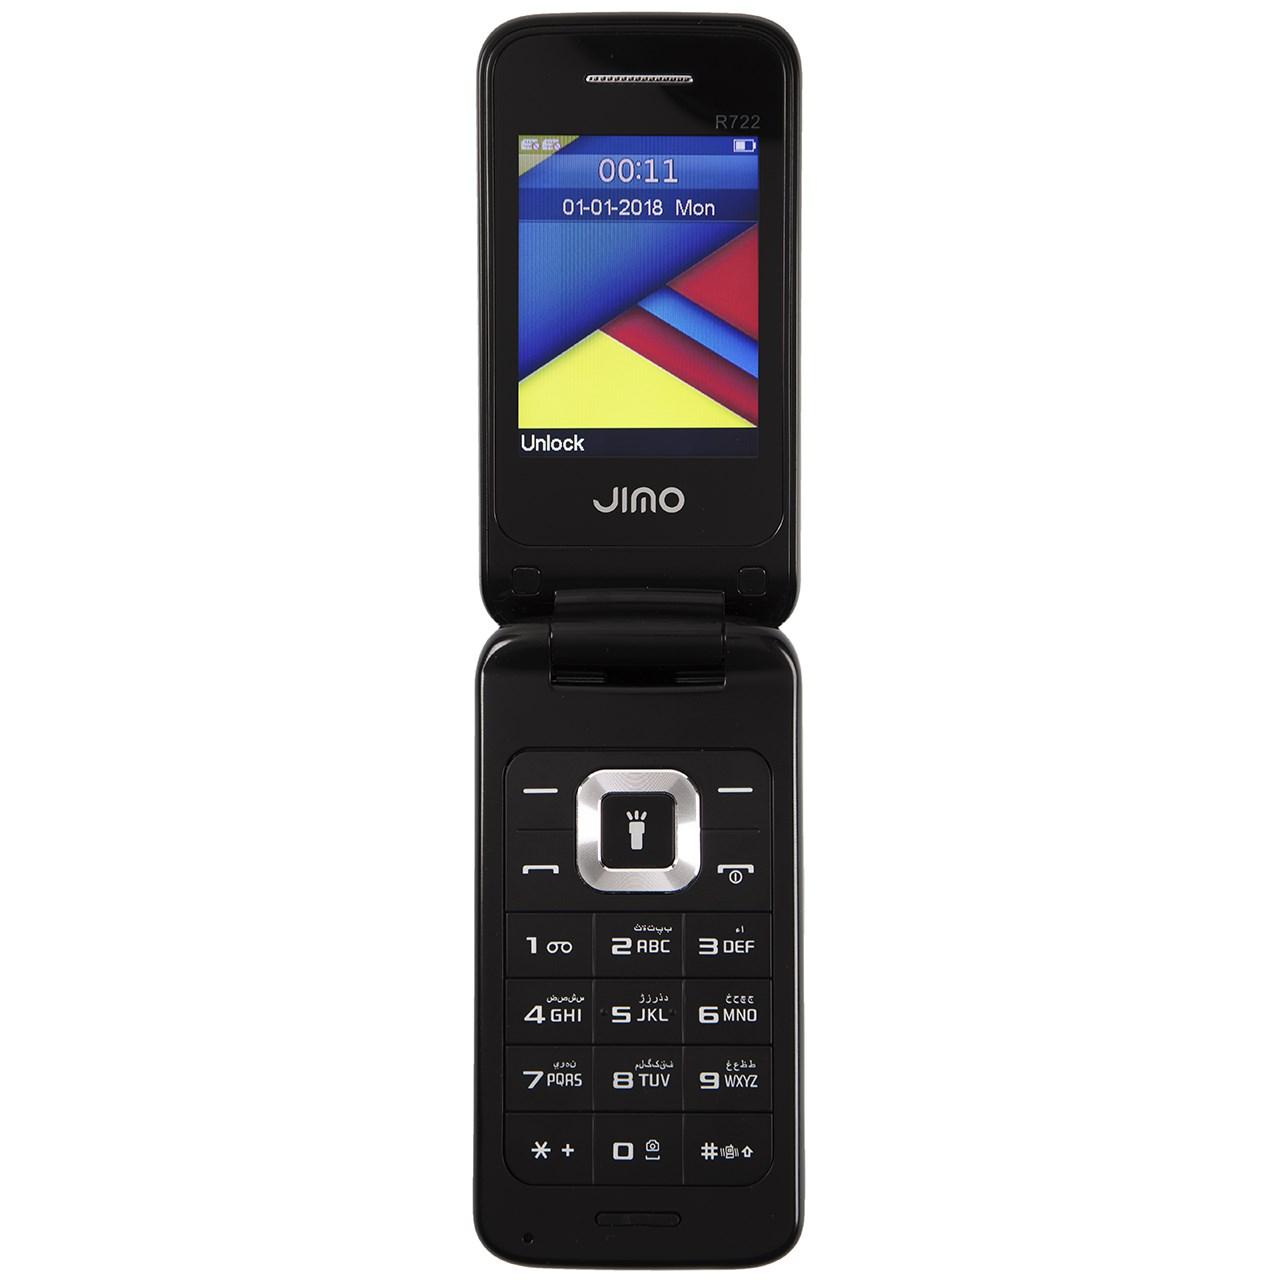 گوشی موبایل جیمو مدل R722 دو سیمکارت